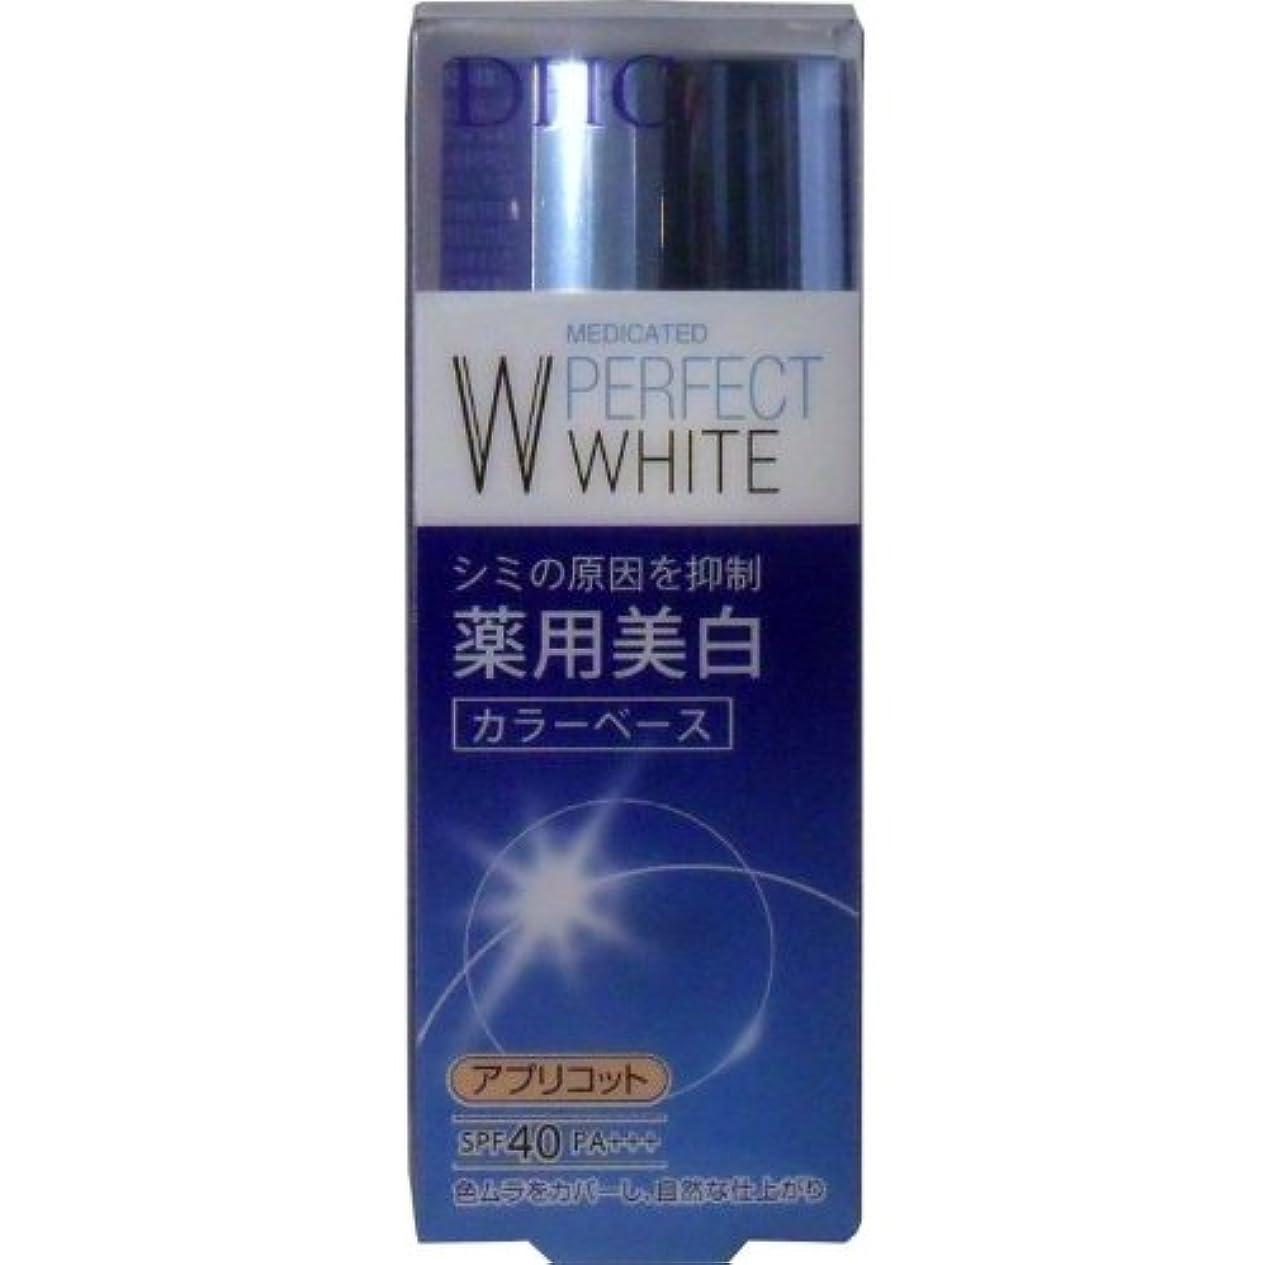 補う減らす欠点DHC 薬用美白パーフェクトホワイト カラーベース アプリコット 30g